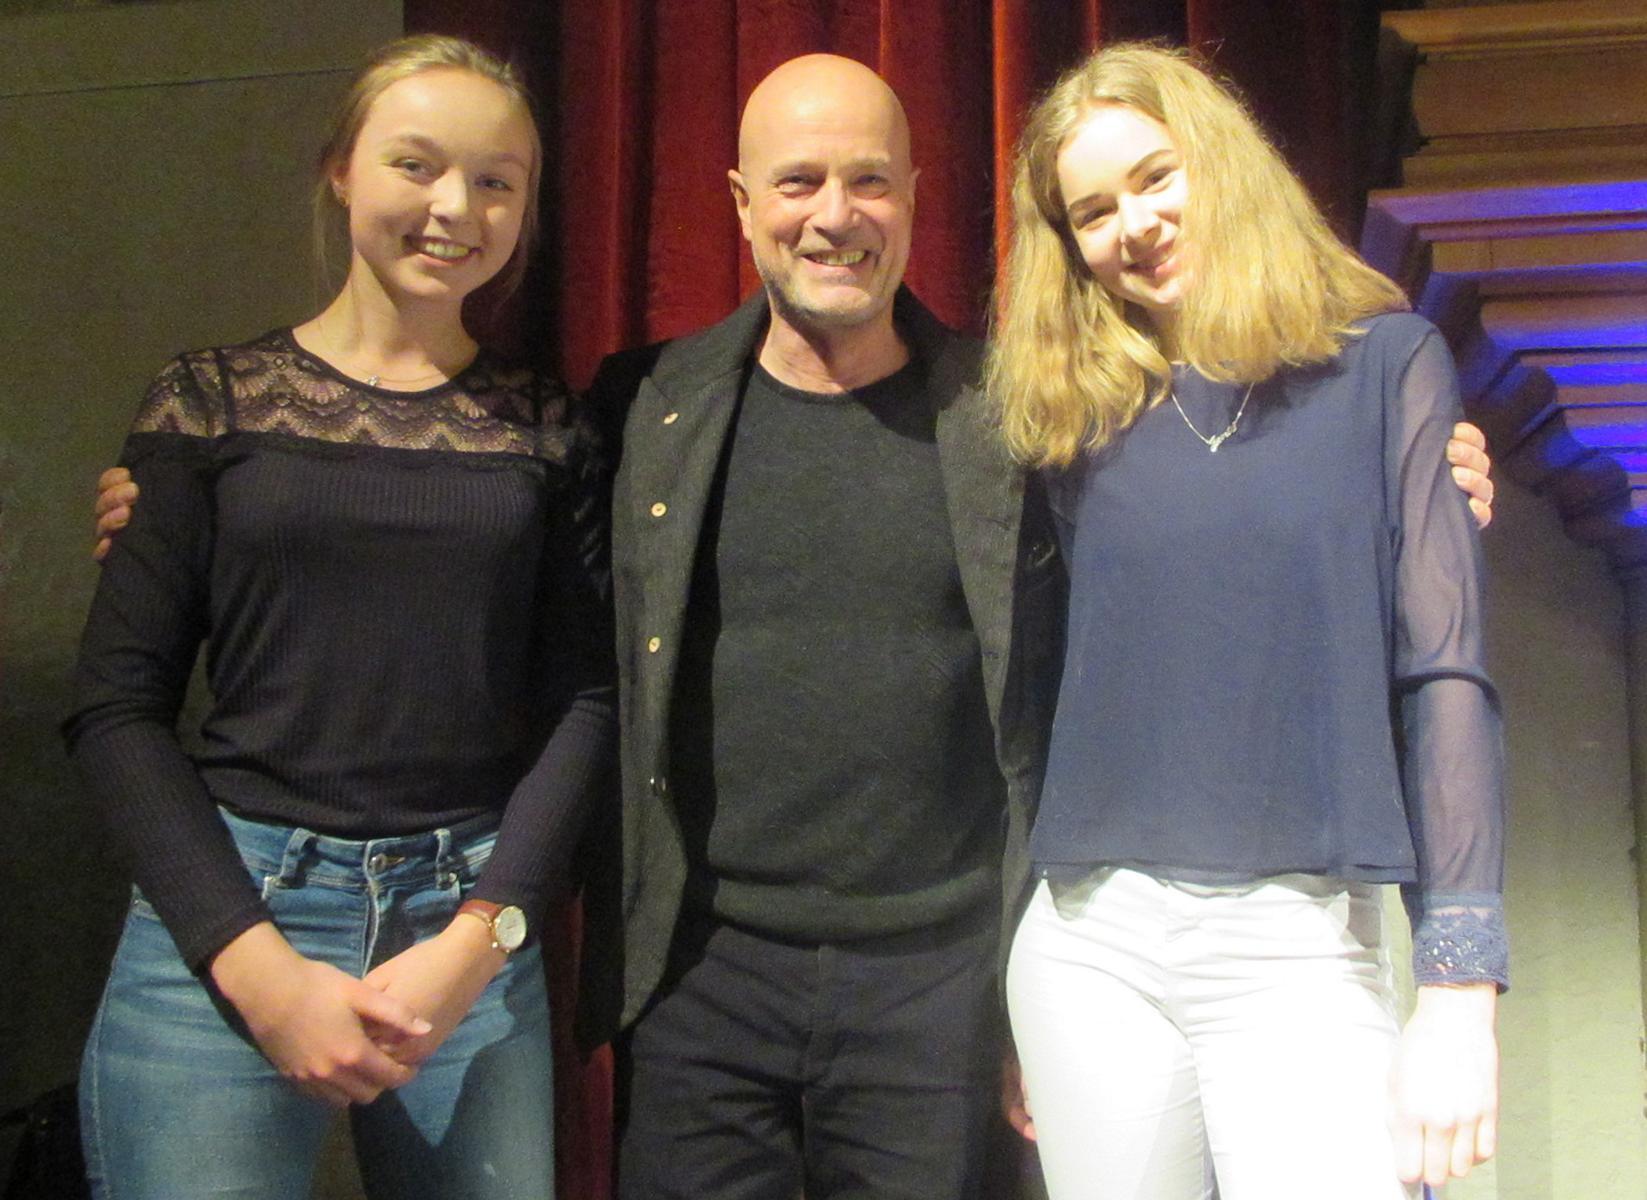 Max-Schülerinnen interviewten Schauspieler Christian Berkel